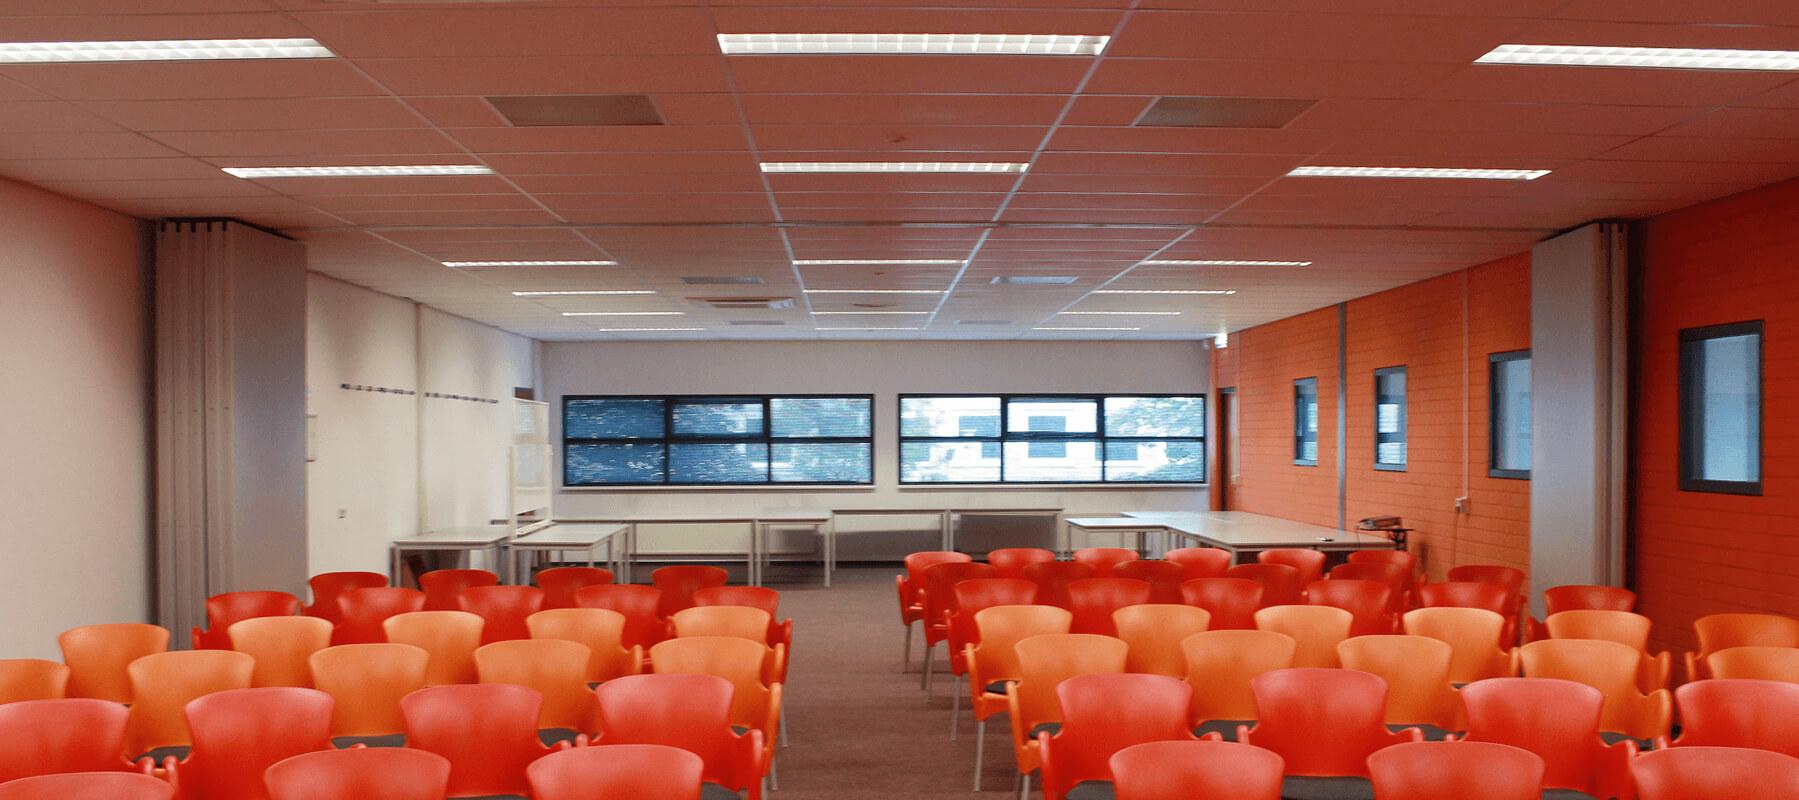 Bouwmensen Amersfoort kiest voor LED verlichting van Saled